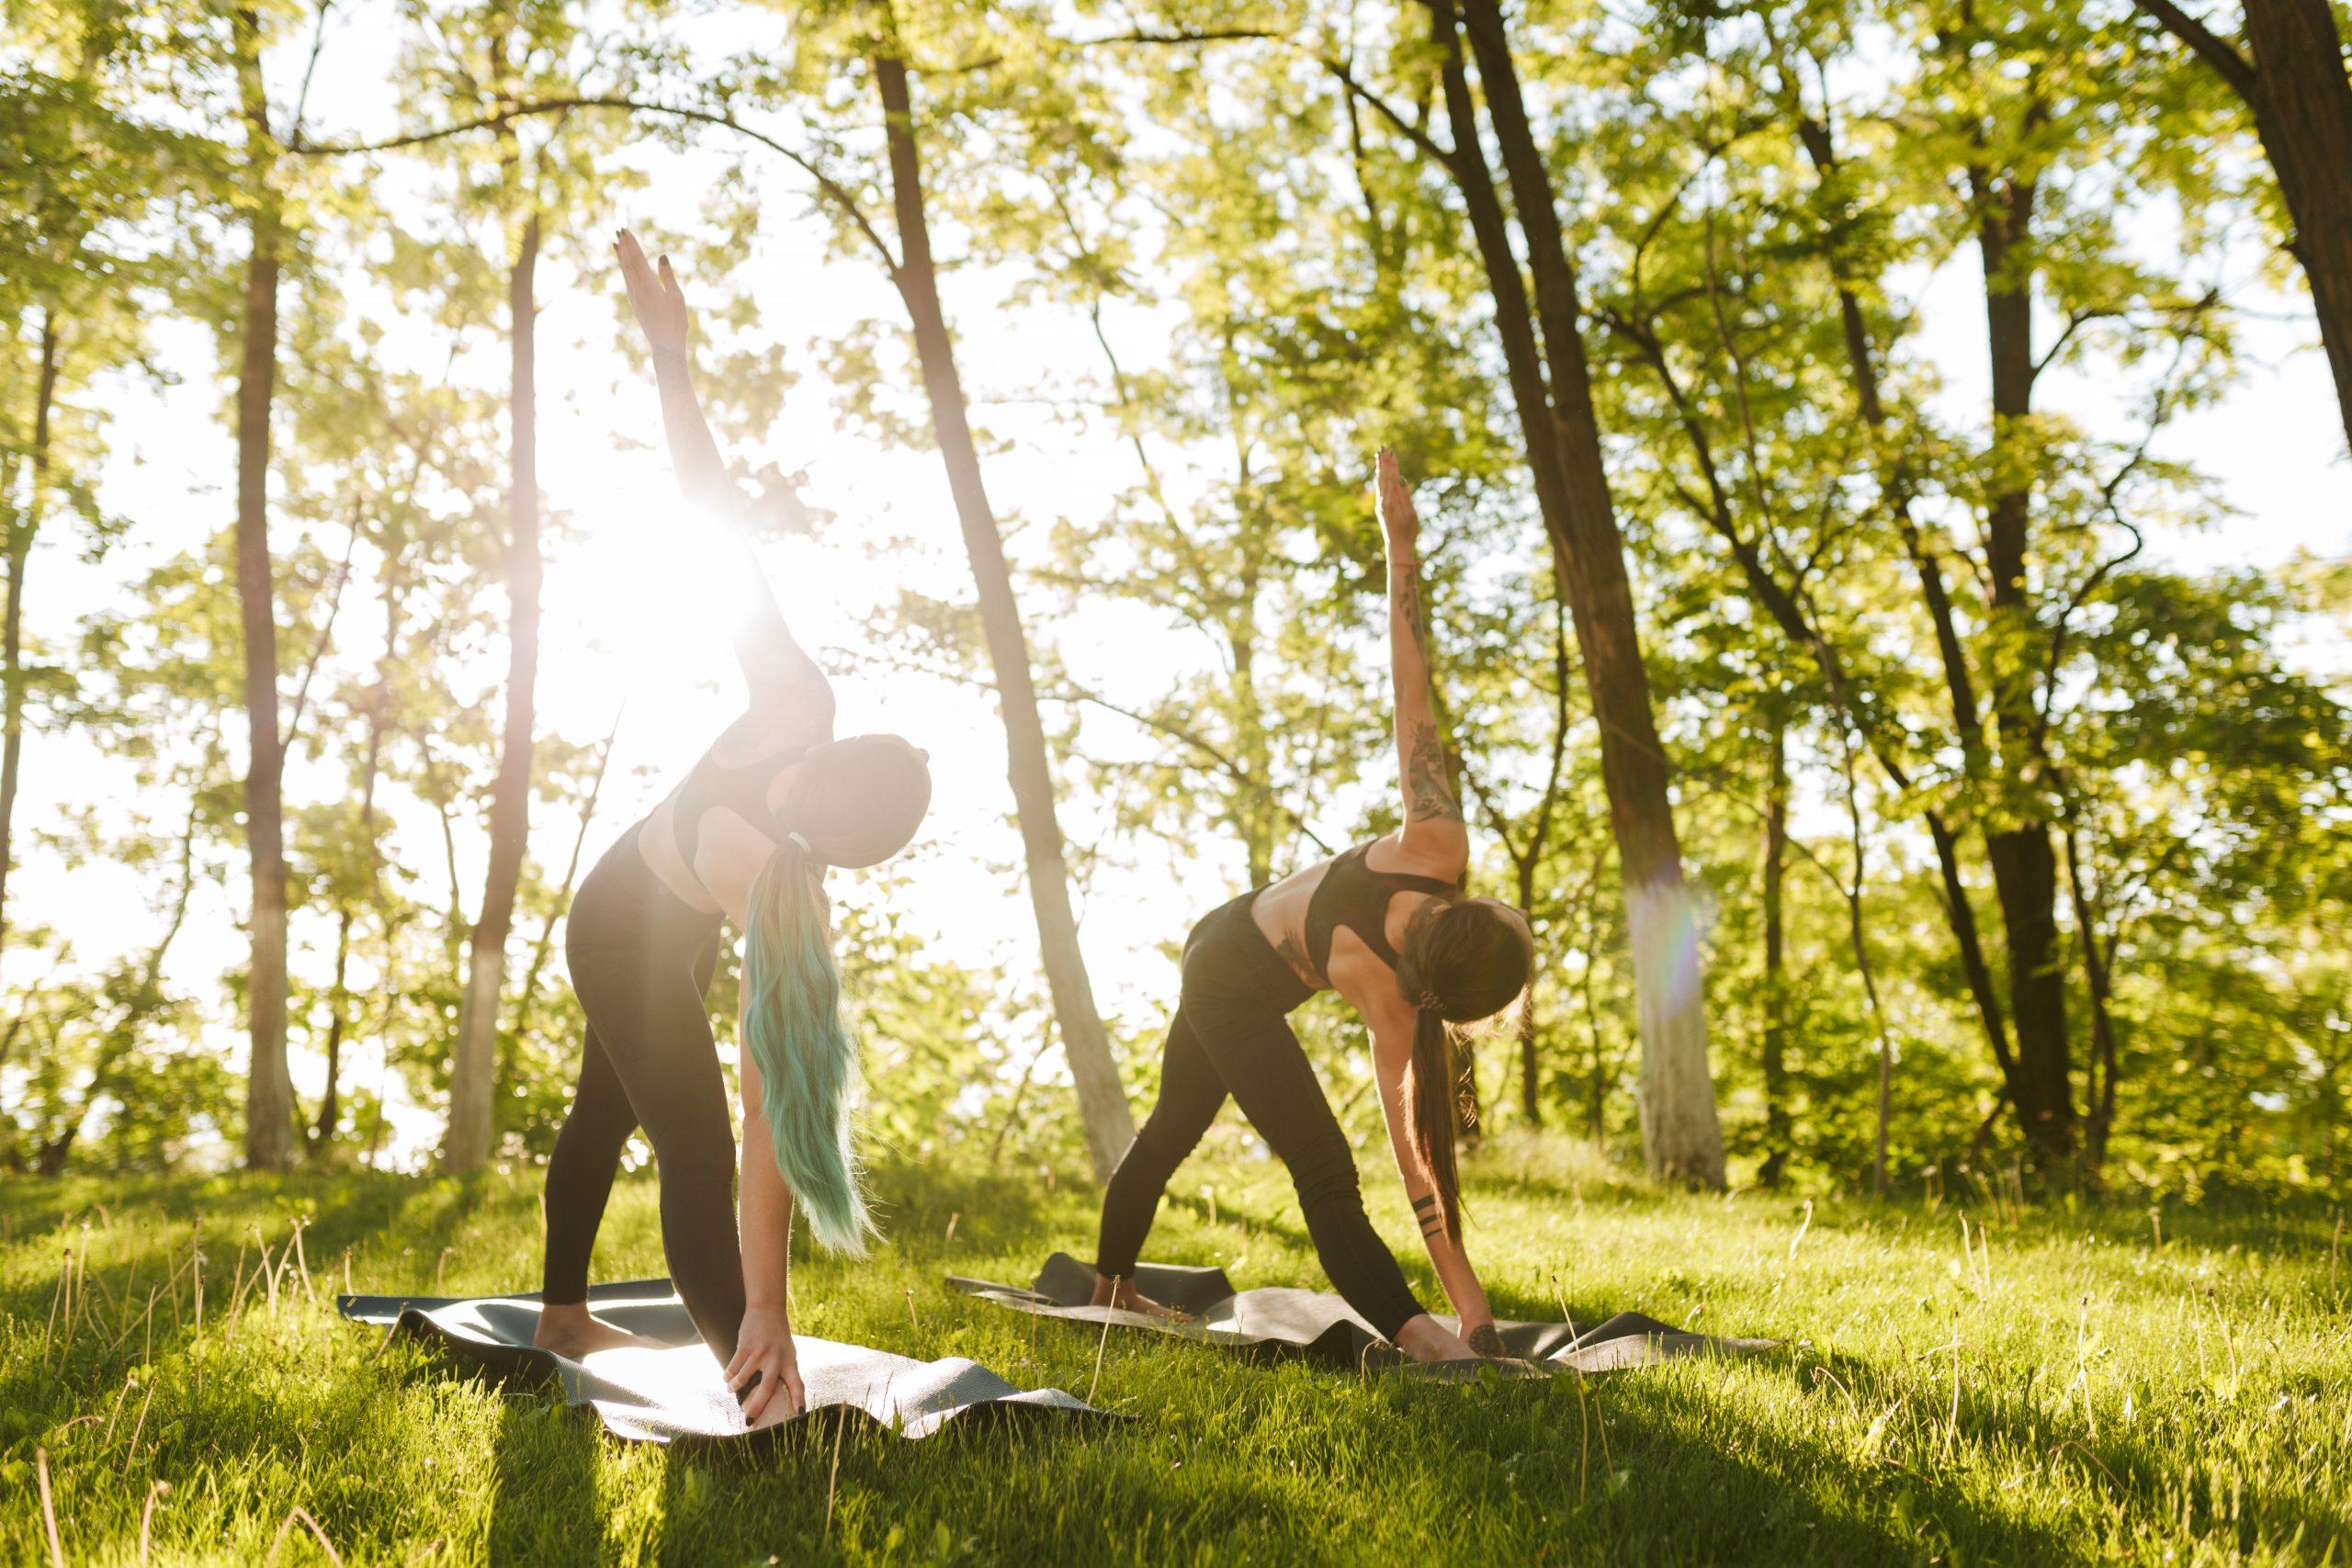 ¿Cuidado holístico de la salud? ¿Qué es eso? Aquí te lo contamos